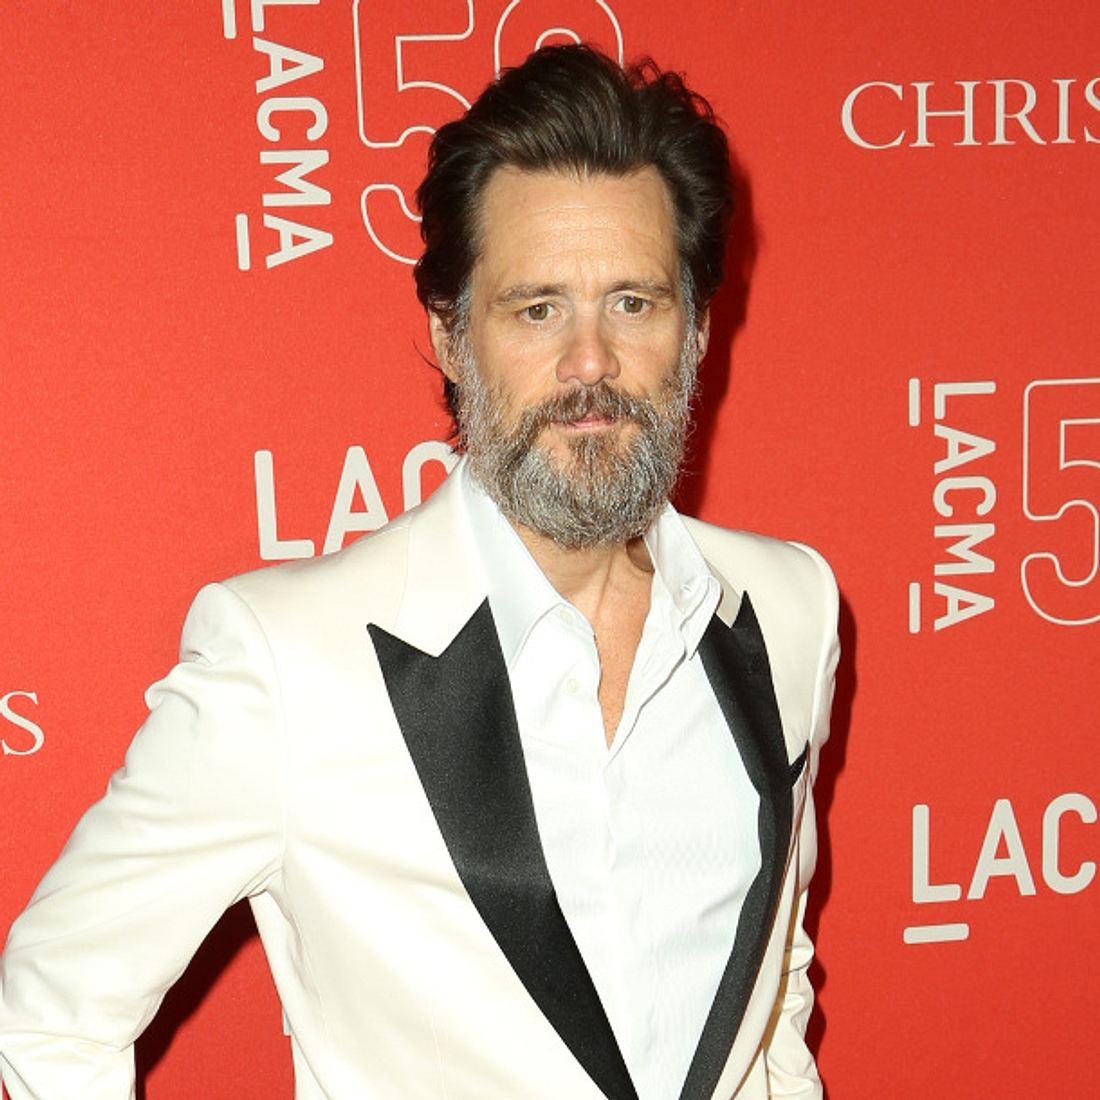 Jim Carrey trauert um seine Ex-Freundin